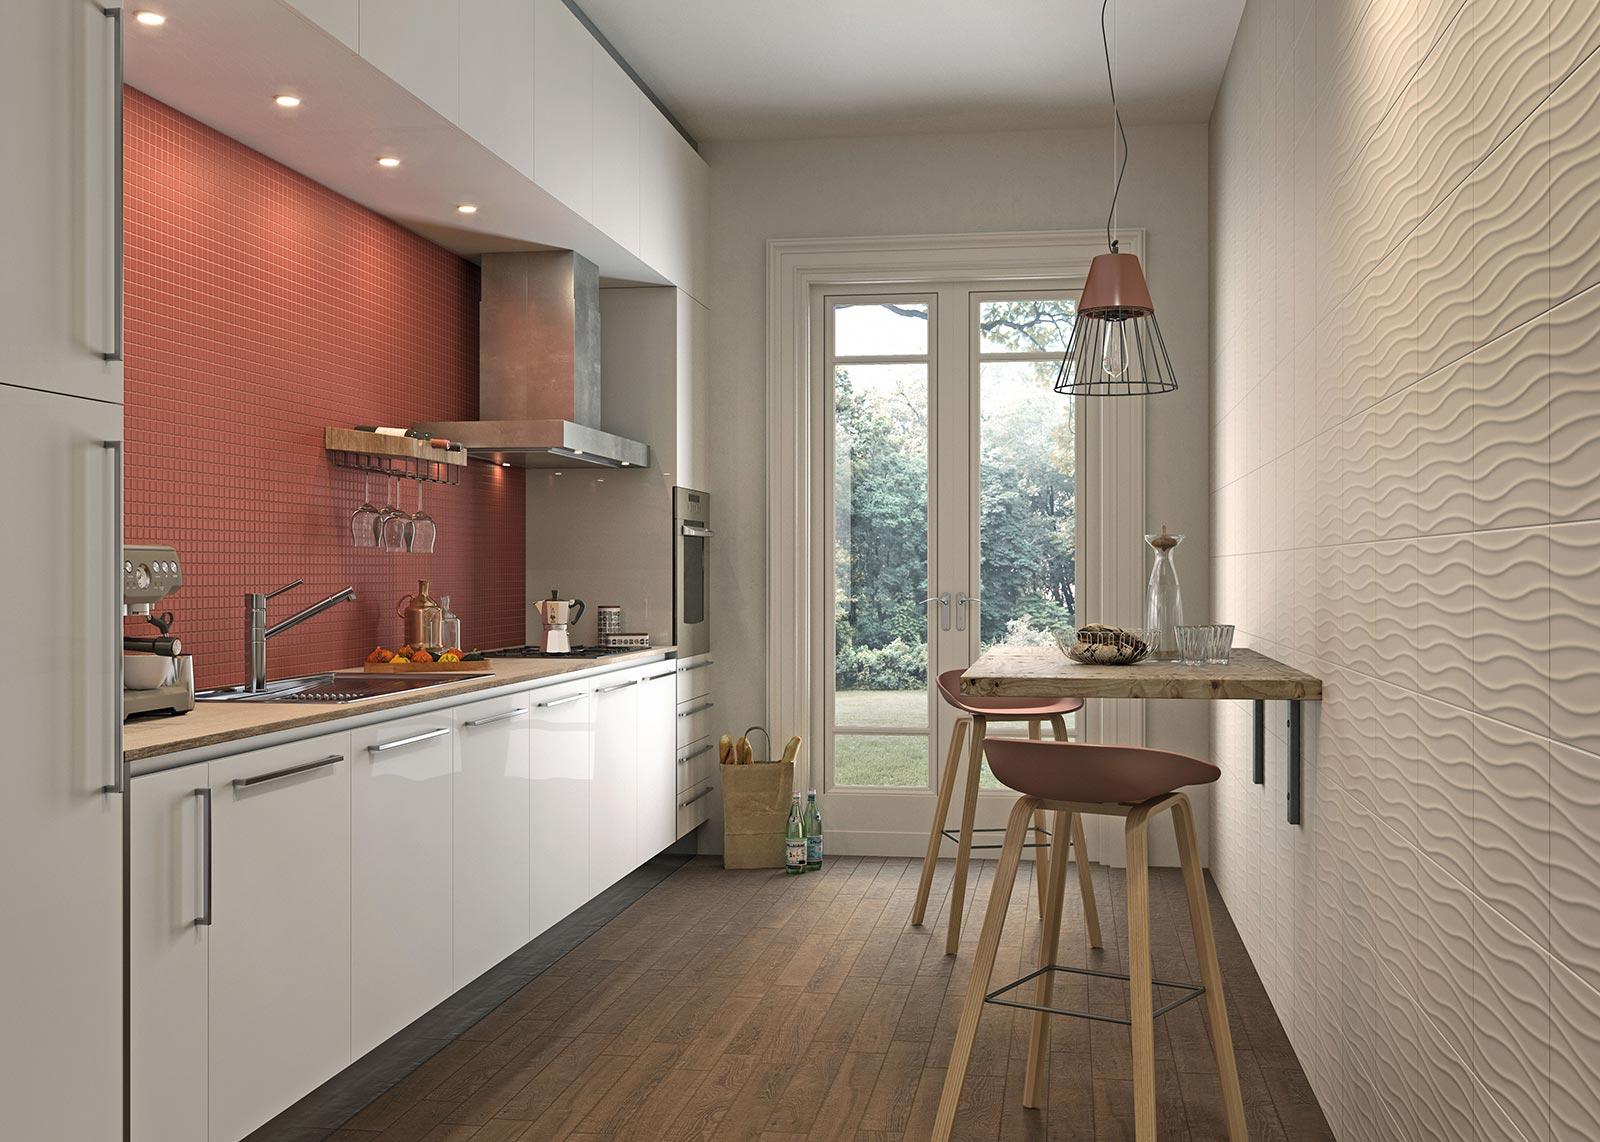 piastrelle cucina: idee in ceramica e gres | marazzi - Ceramica Cucina